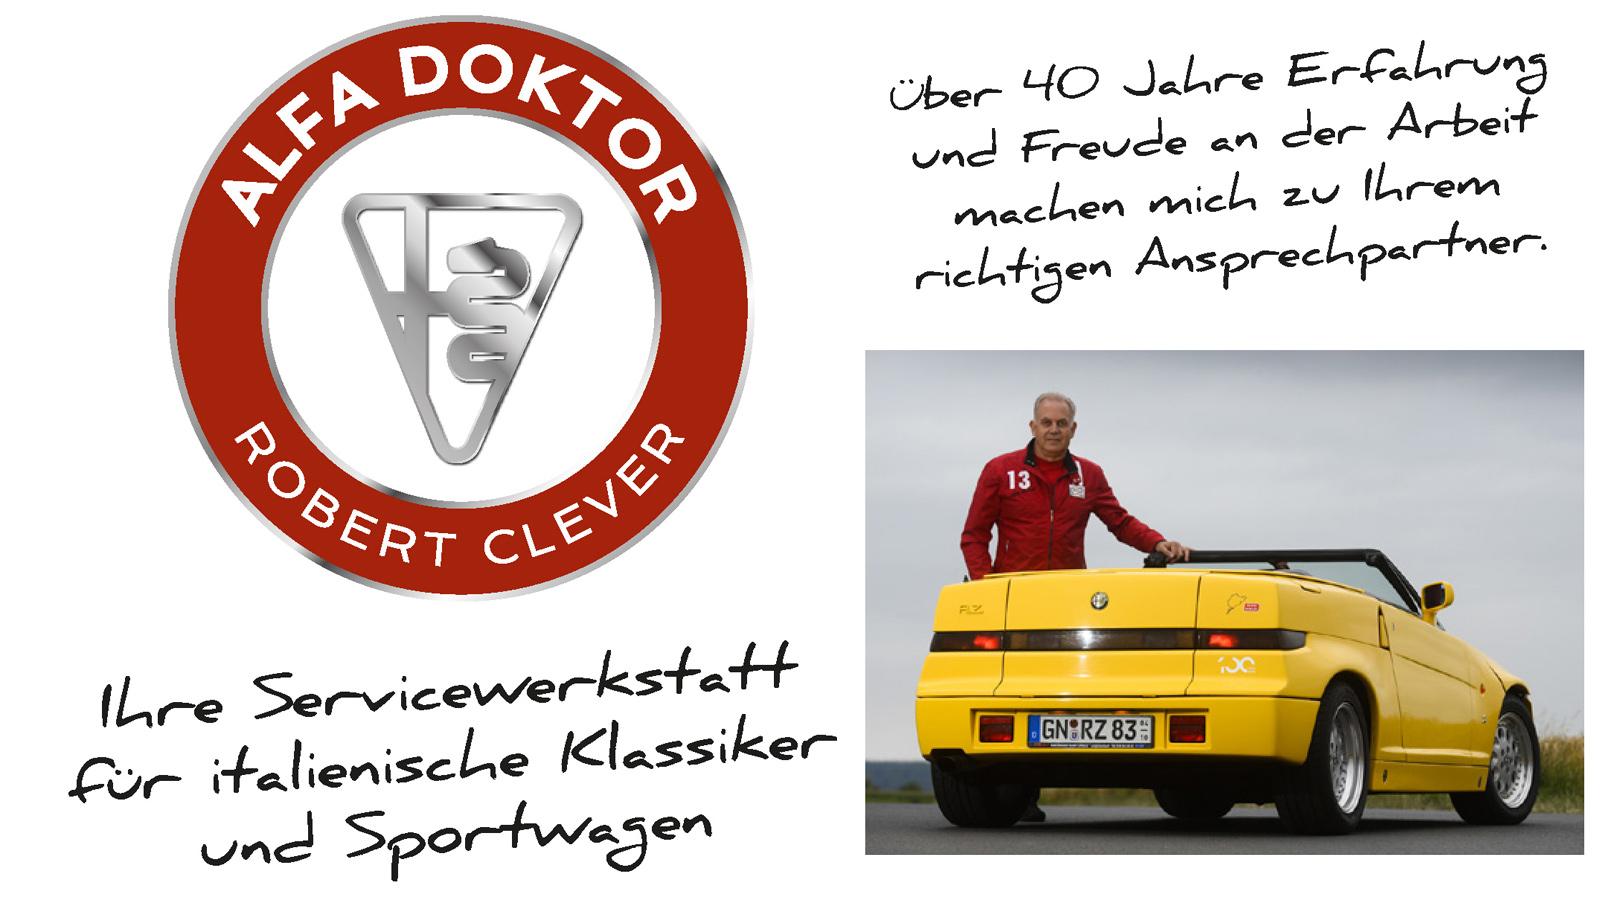 Alfadoktor Robert Clever - Die Werkstatt für italienische Klassiker und Sportwagen